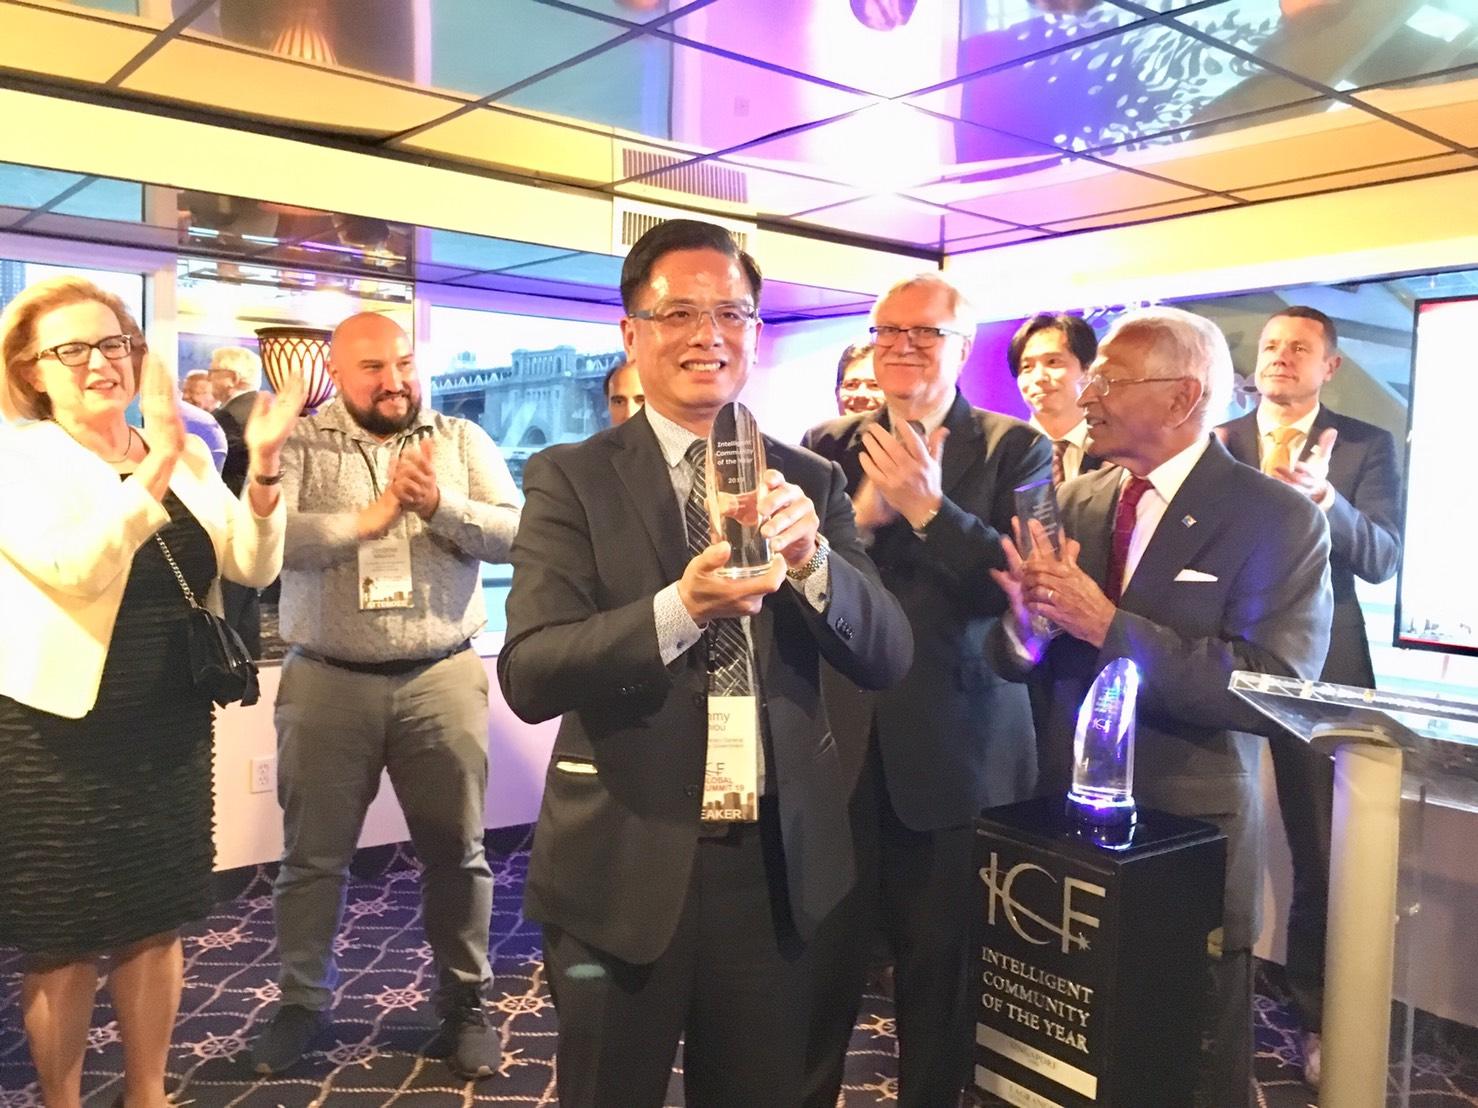 「2019全球年度智慧城市」首獎,由桃園市政府邱俊銘副秘書長代表領取